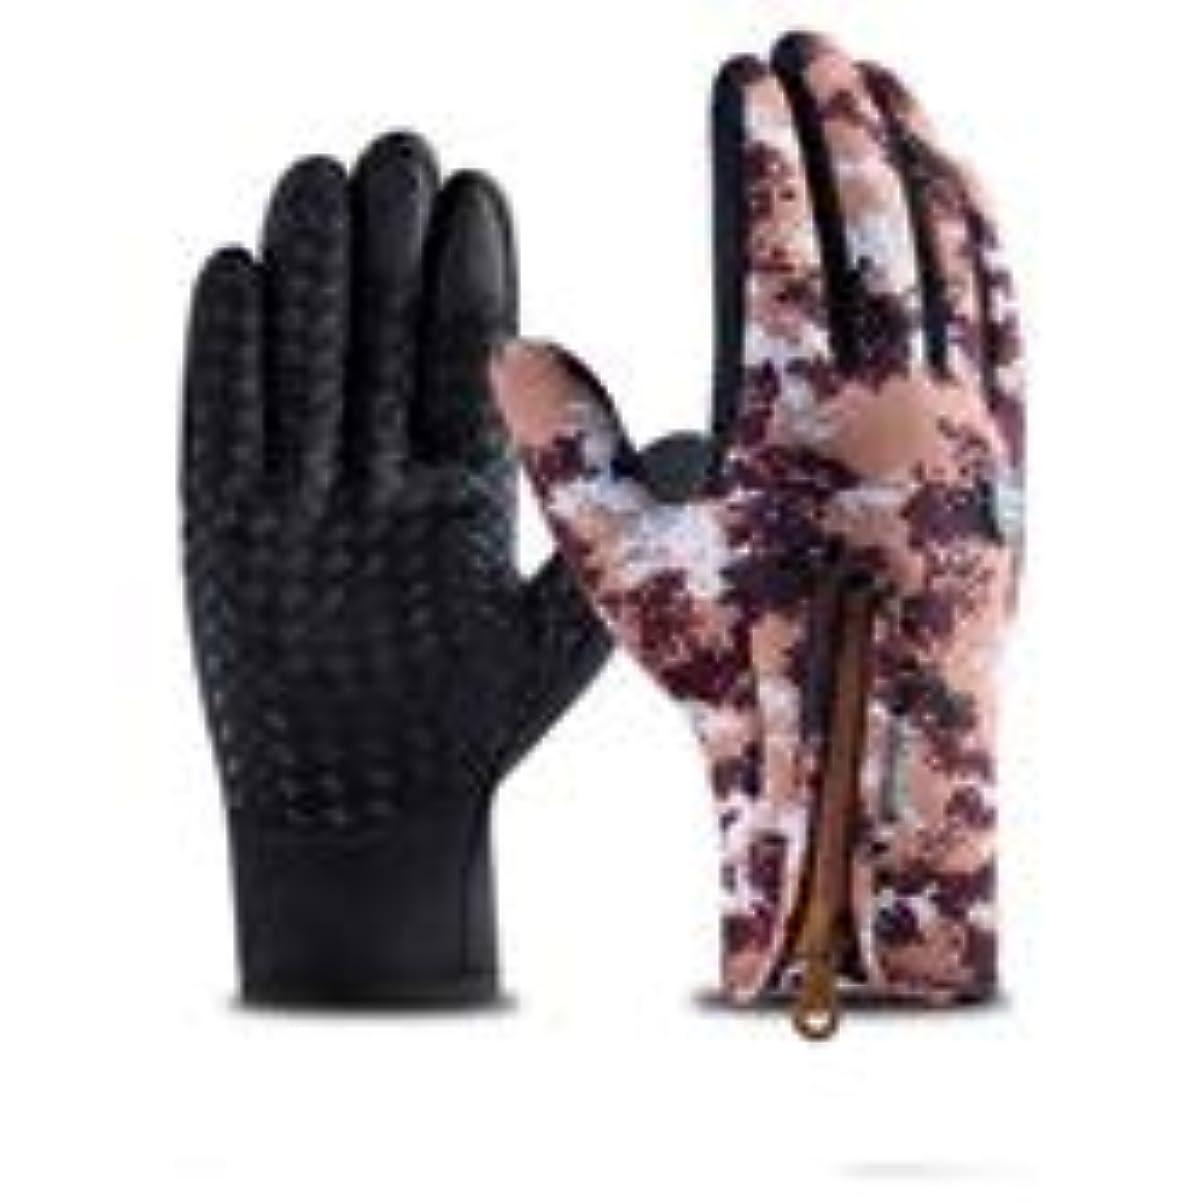 ミシン目フォーマル災害Emkoe 高品質サイクリング手袋防水滑り止め耐摩耗性衝撃吸収パッドスマートグロス対応手袋 うまく設計された